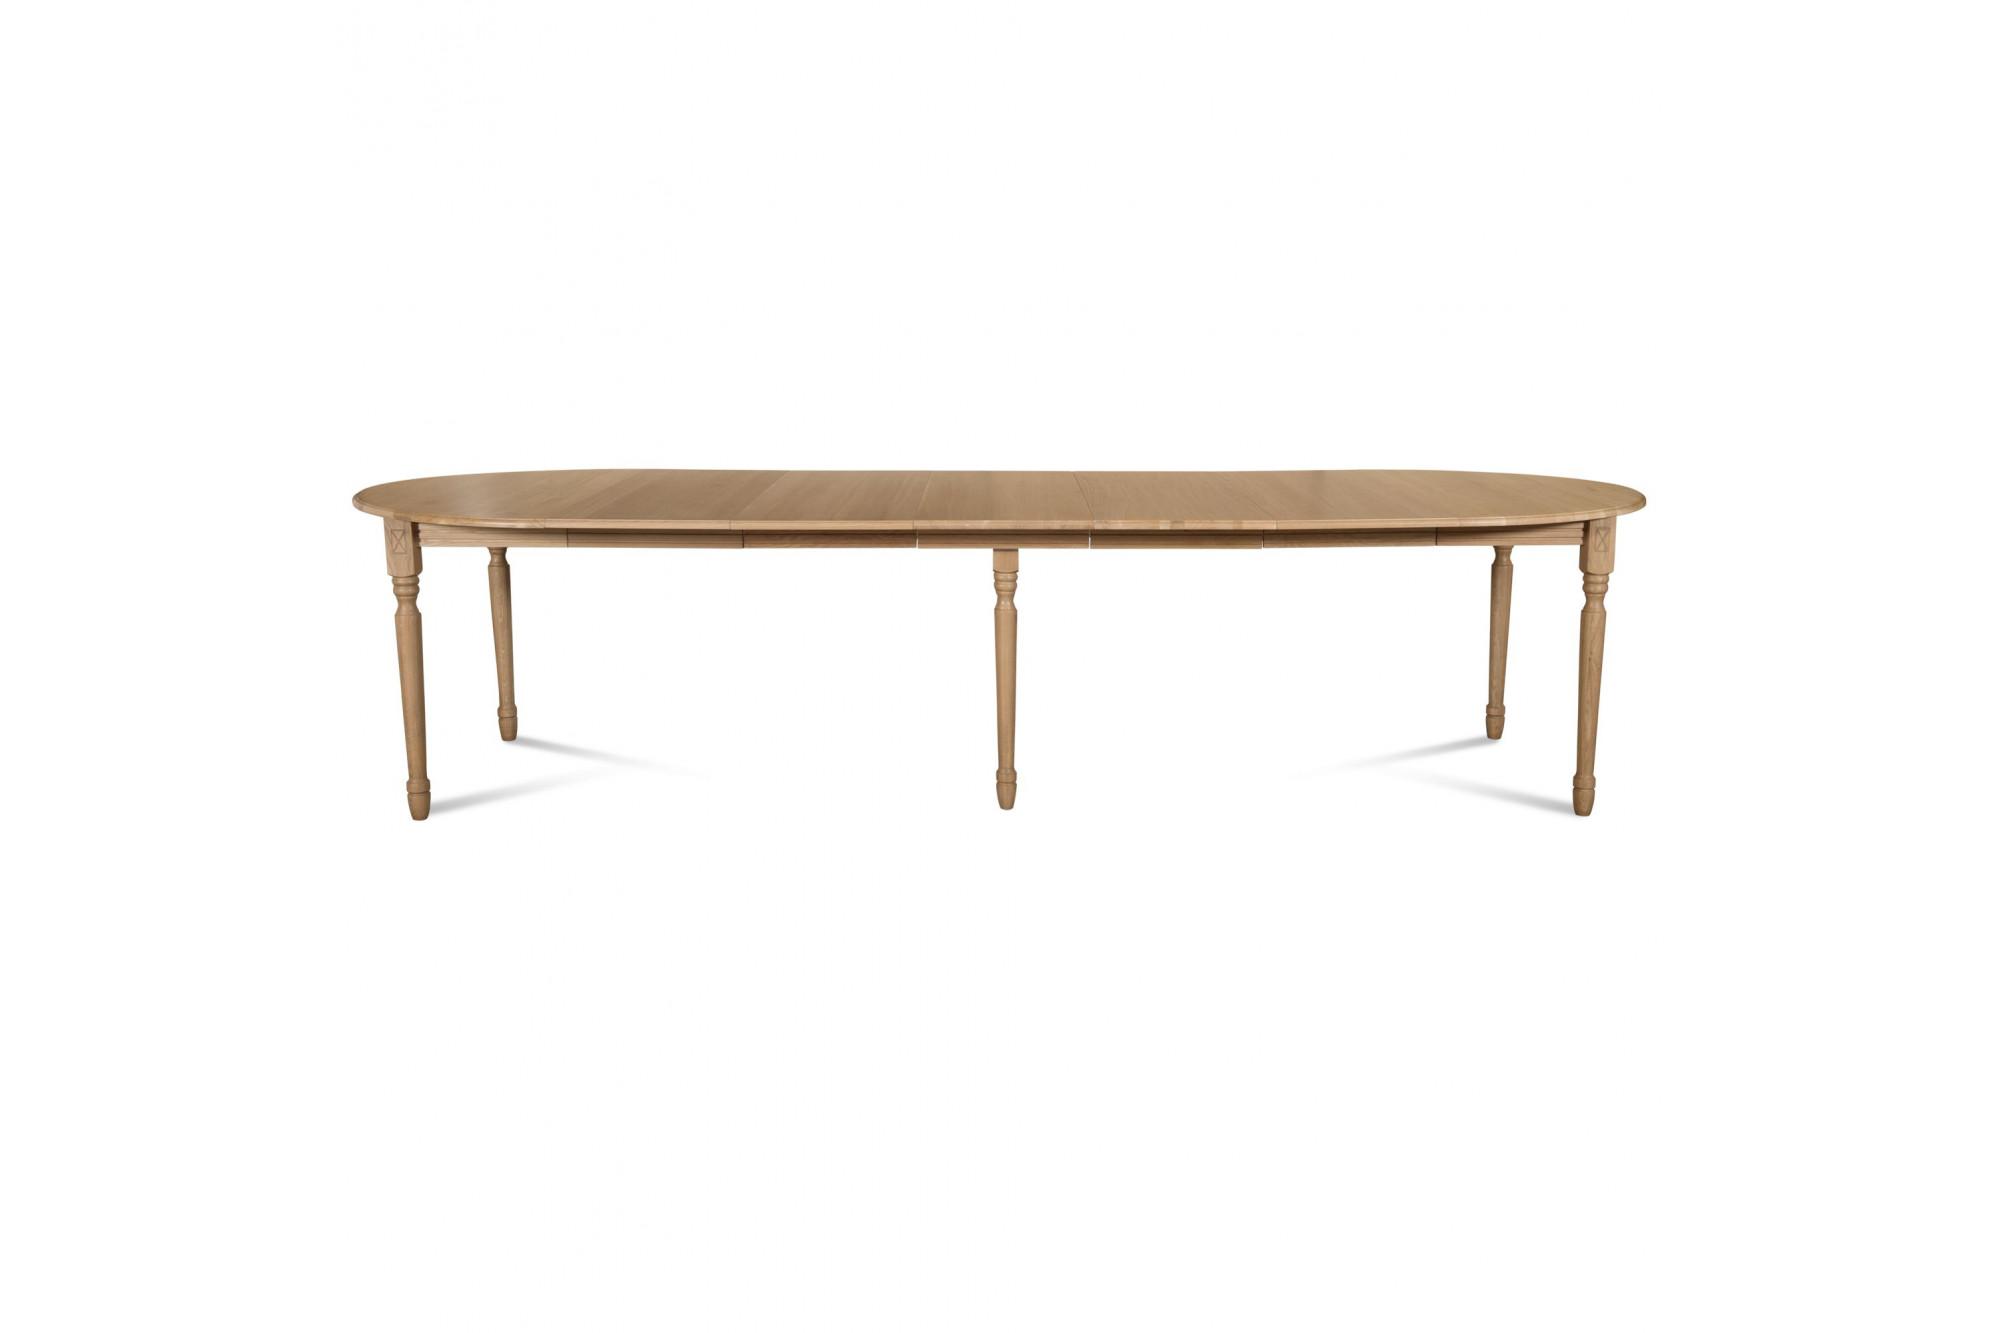 table ronde victoria 6 pieds tournes 115 cm 3 rallonges bois